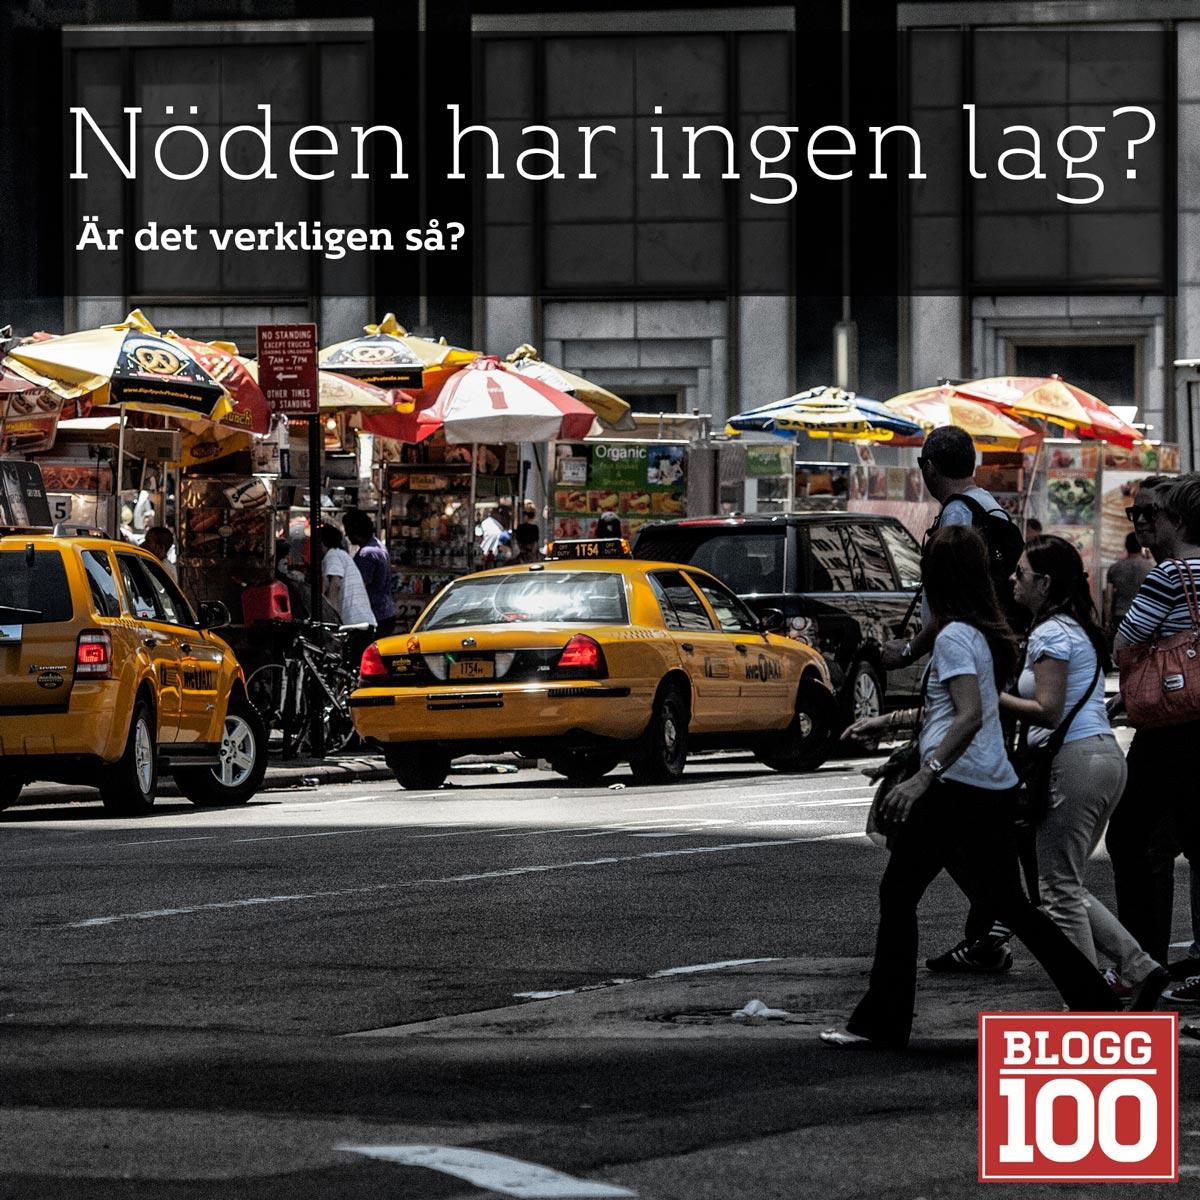 Nöden har ingen lag #blogg100 #fb